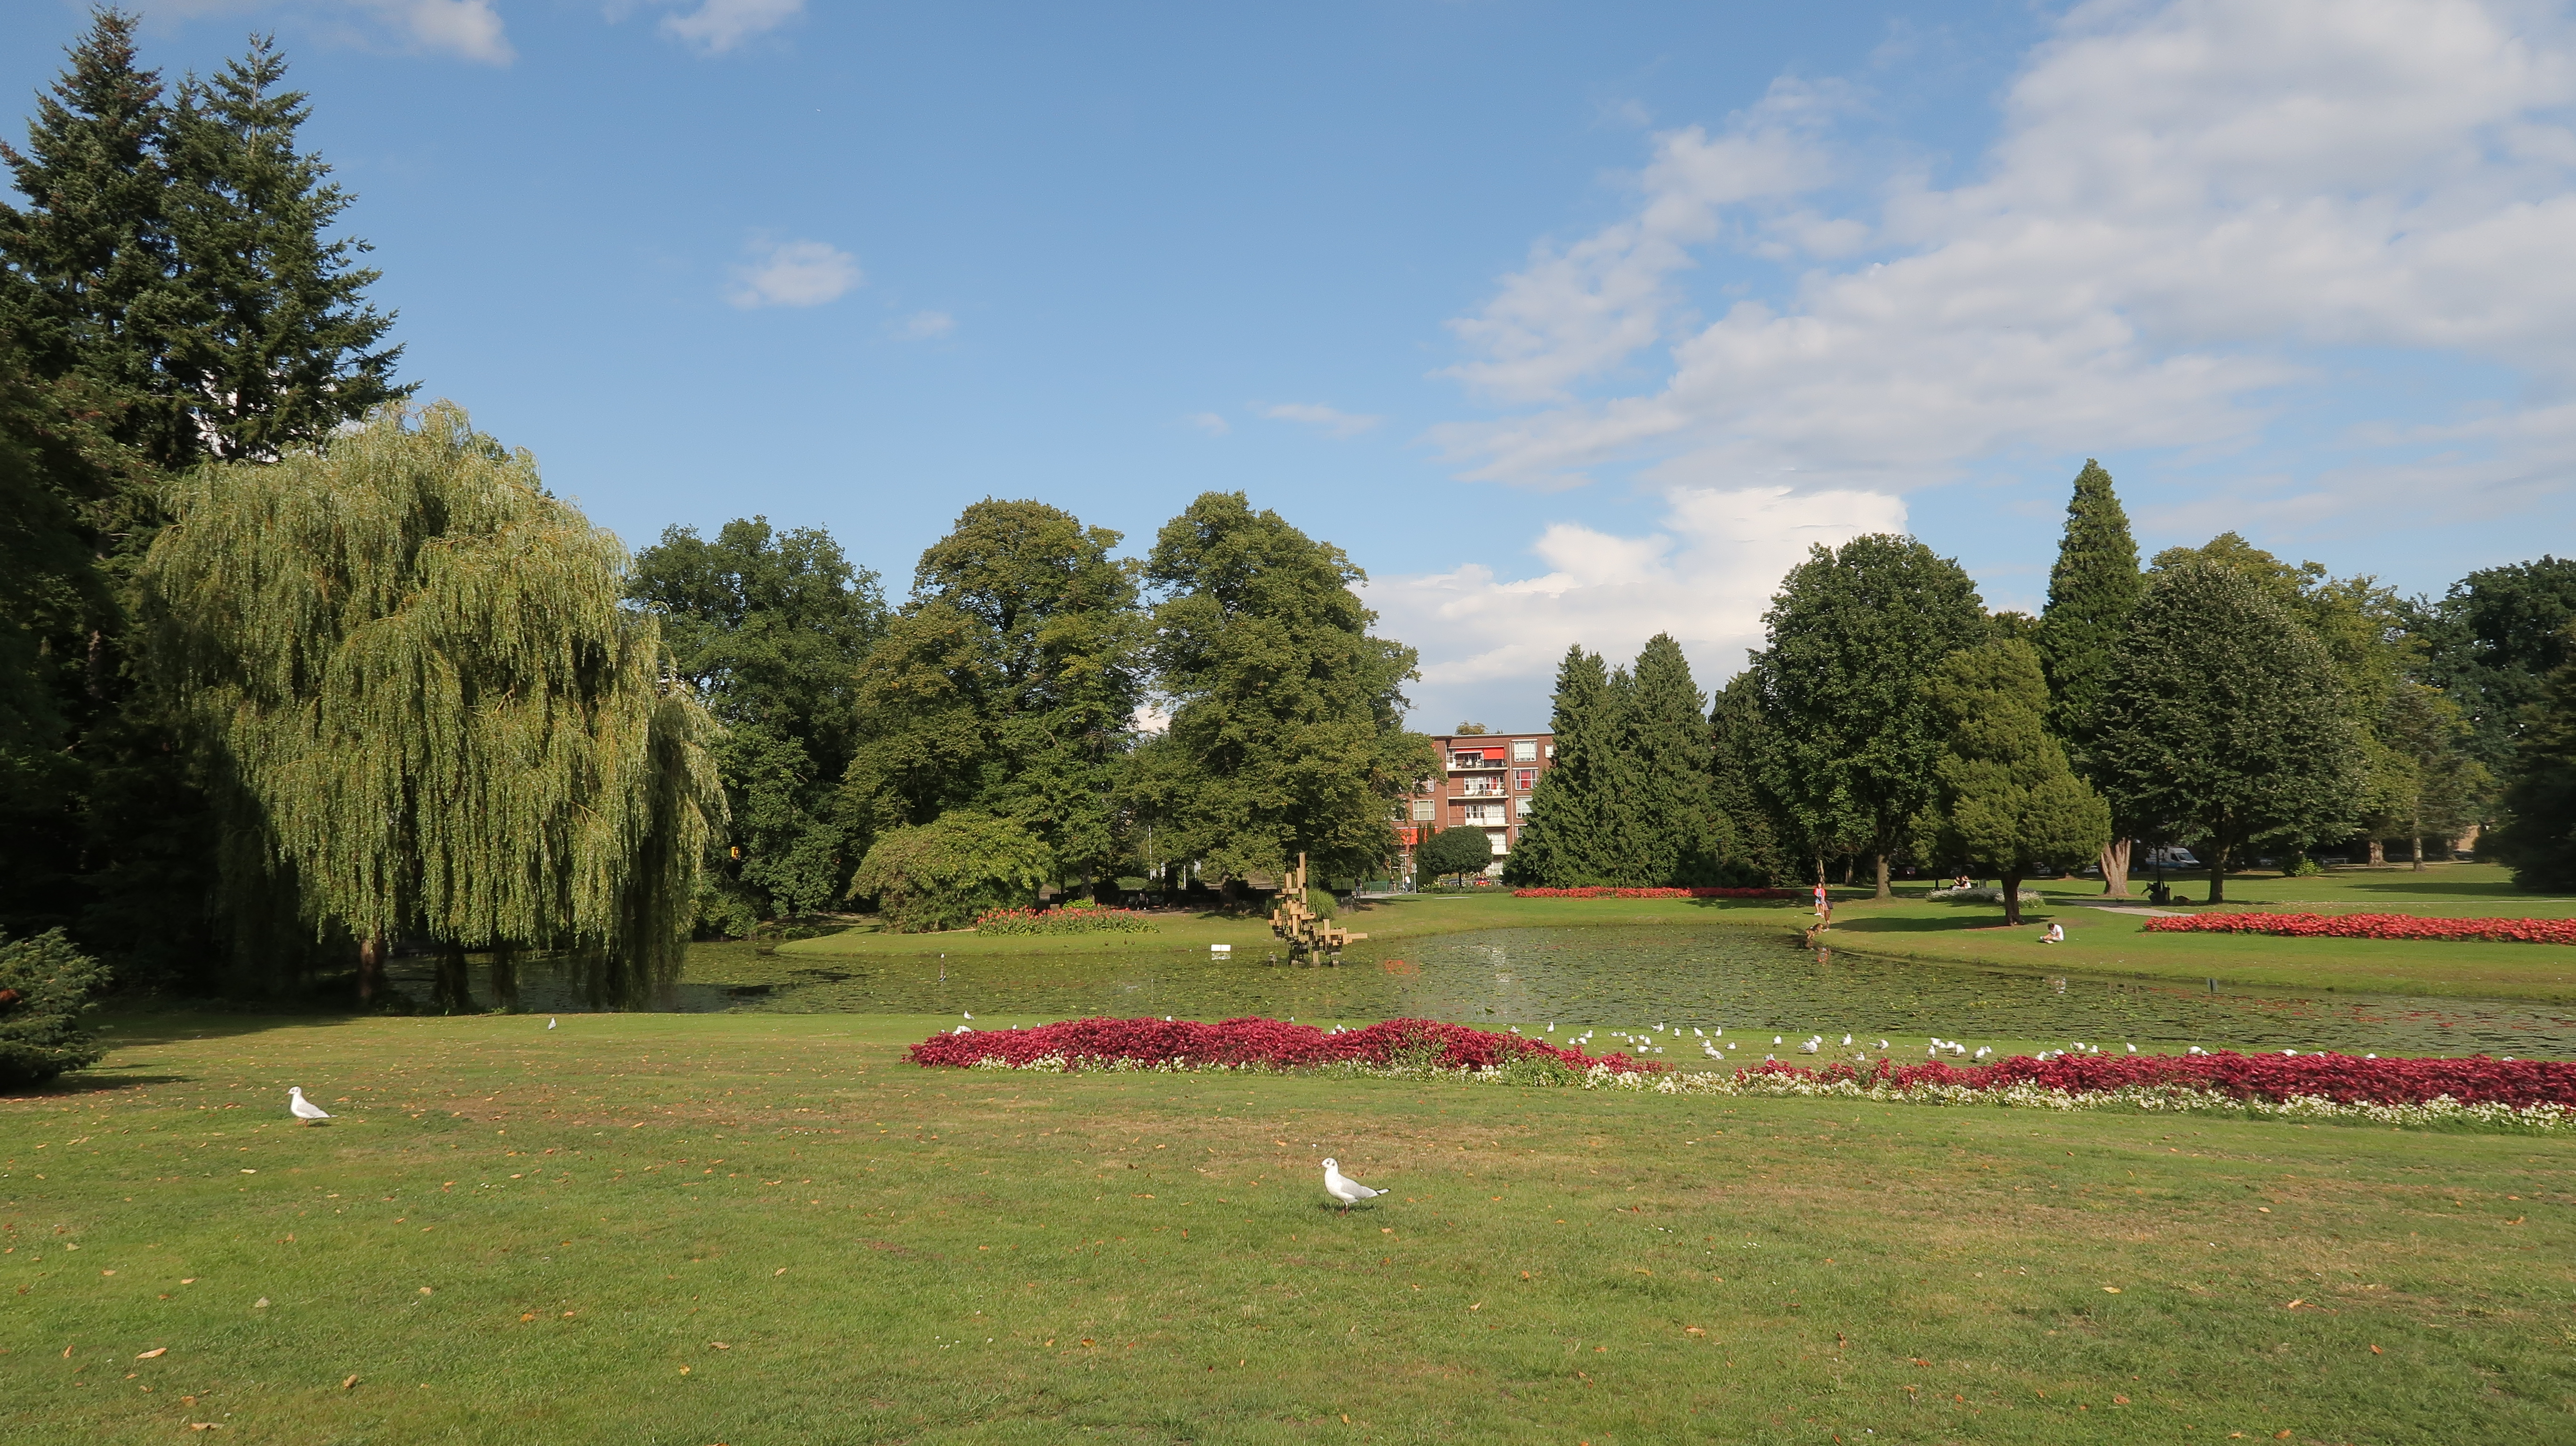 Enschede: der Volkspark von Enschede ist ein sehr guter Ort um sich zu erholen, falls du genug von der Stadt hast, komm hier her.